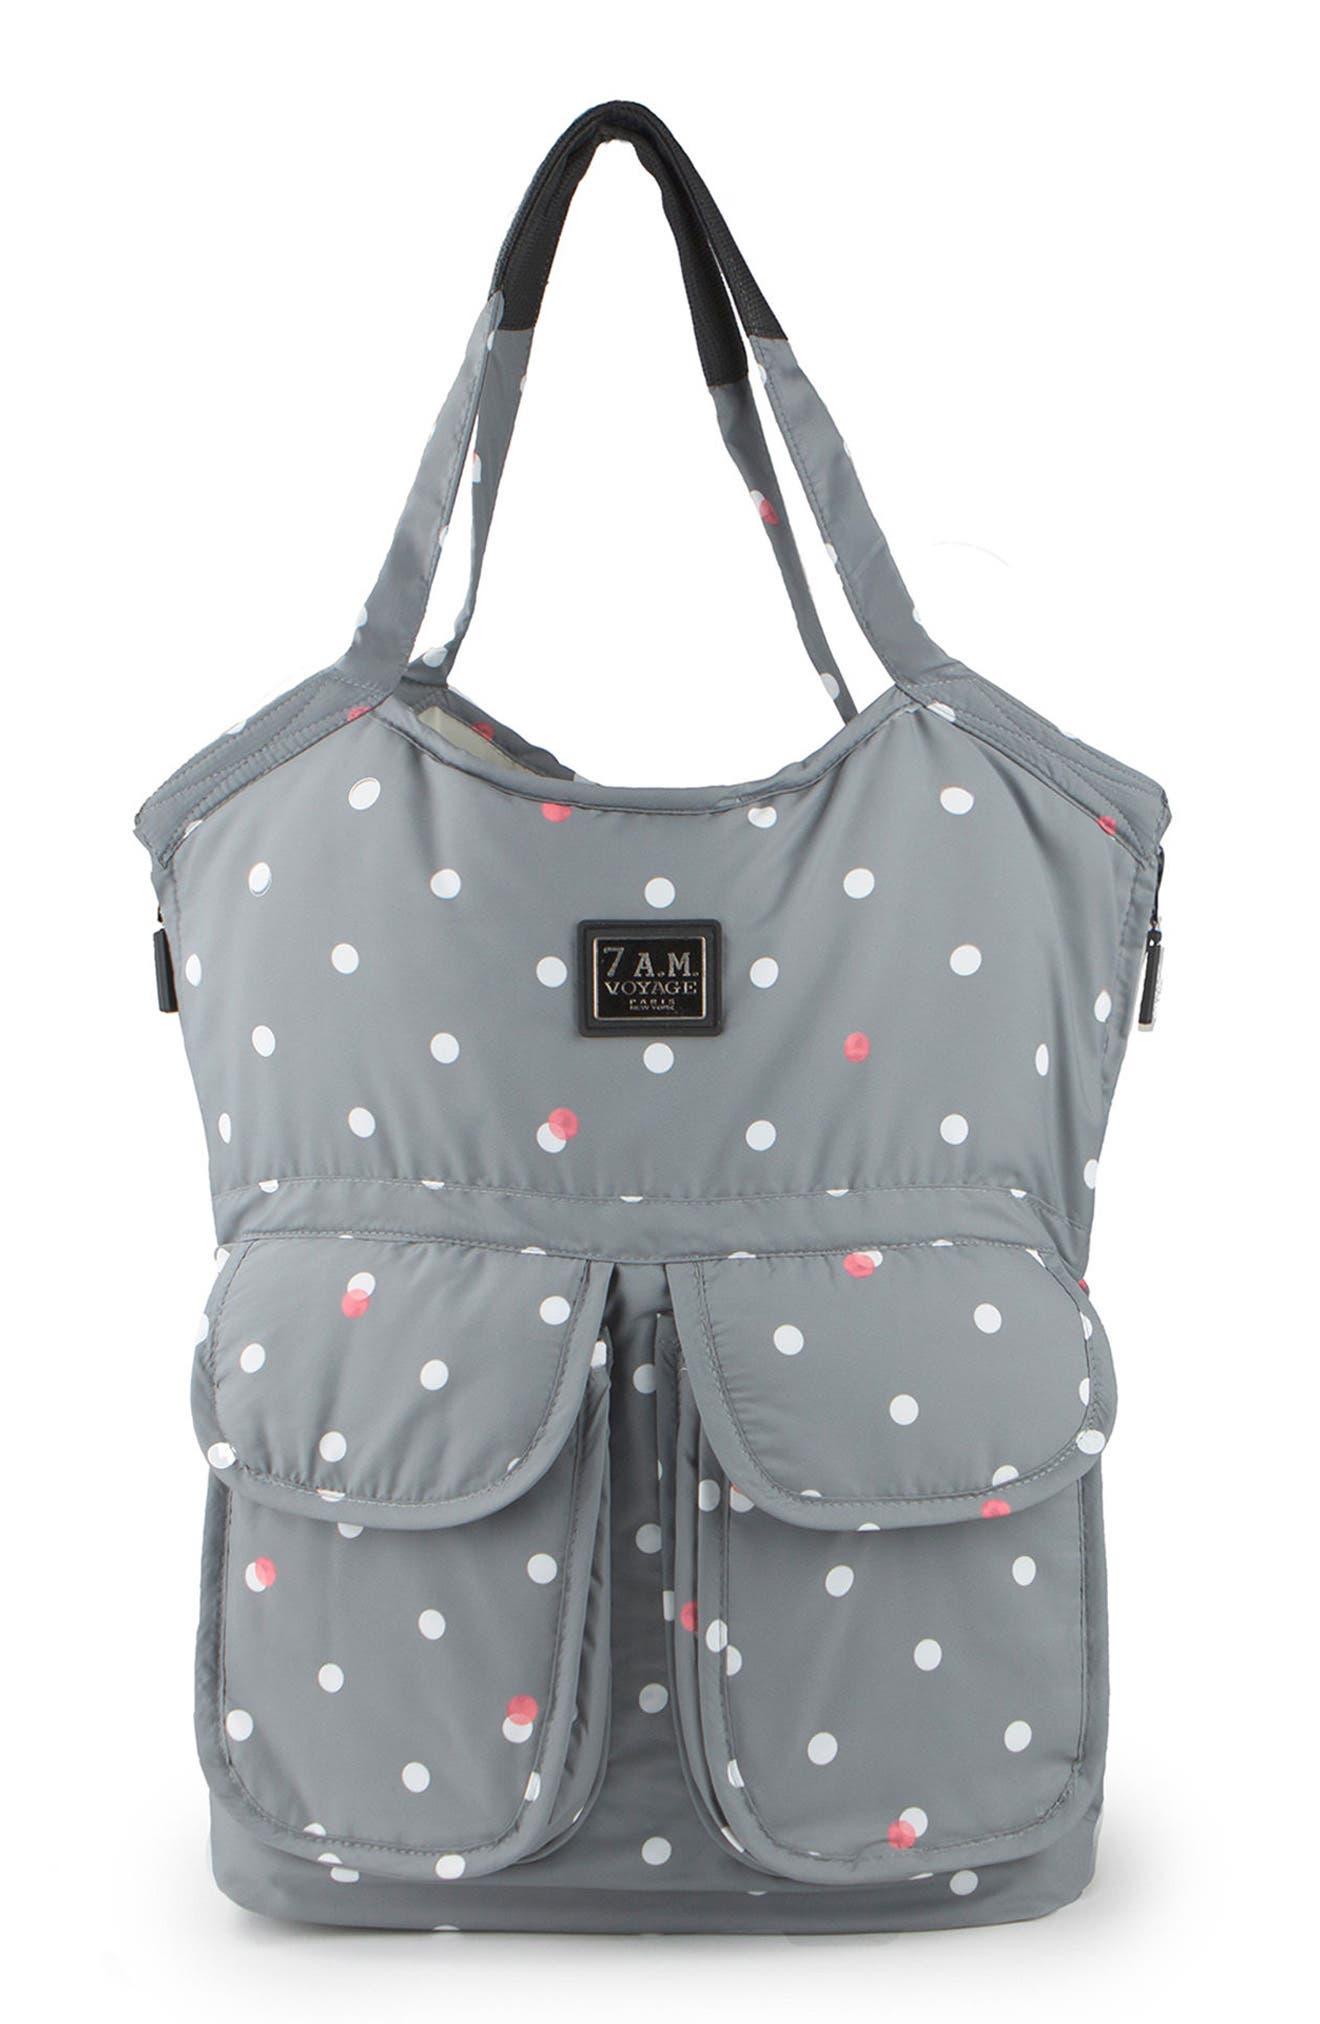 Alternate Image 1 Selected - 7 A.M. Enfant 'Barcelona' Diaper Bag